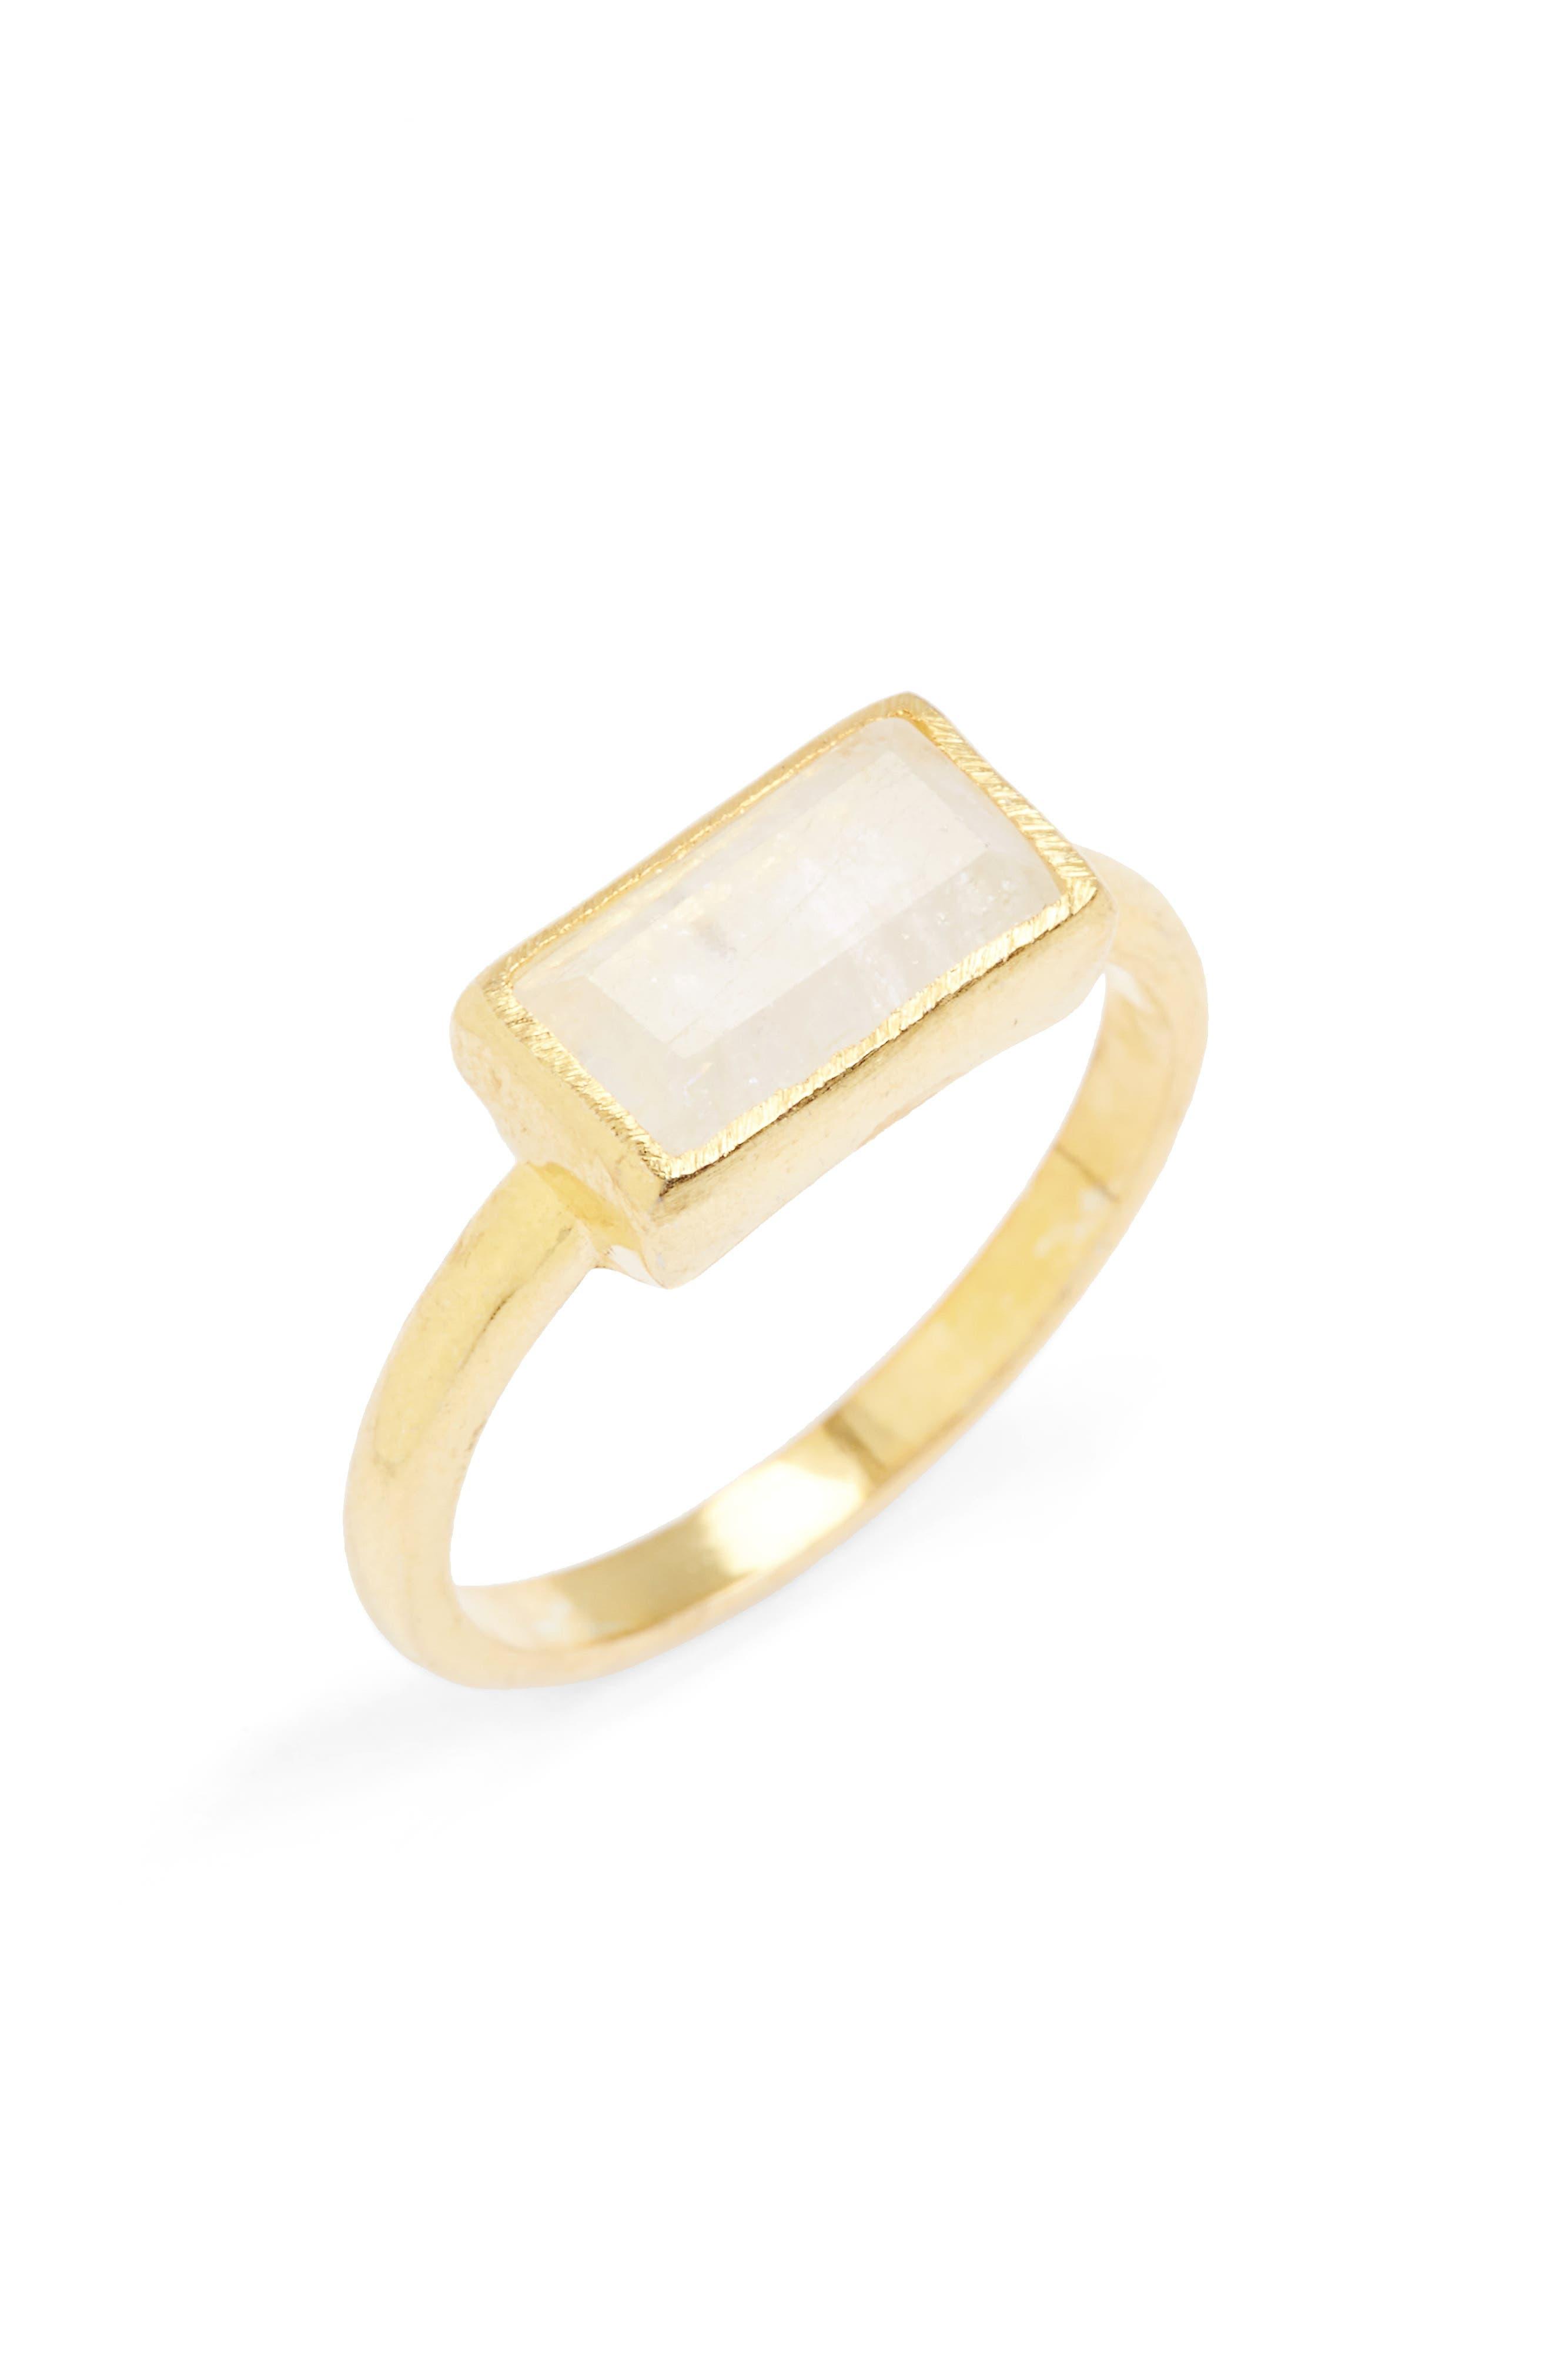 Karen London River Quartz Ring